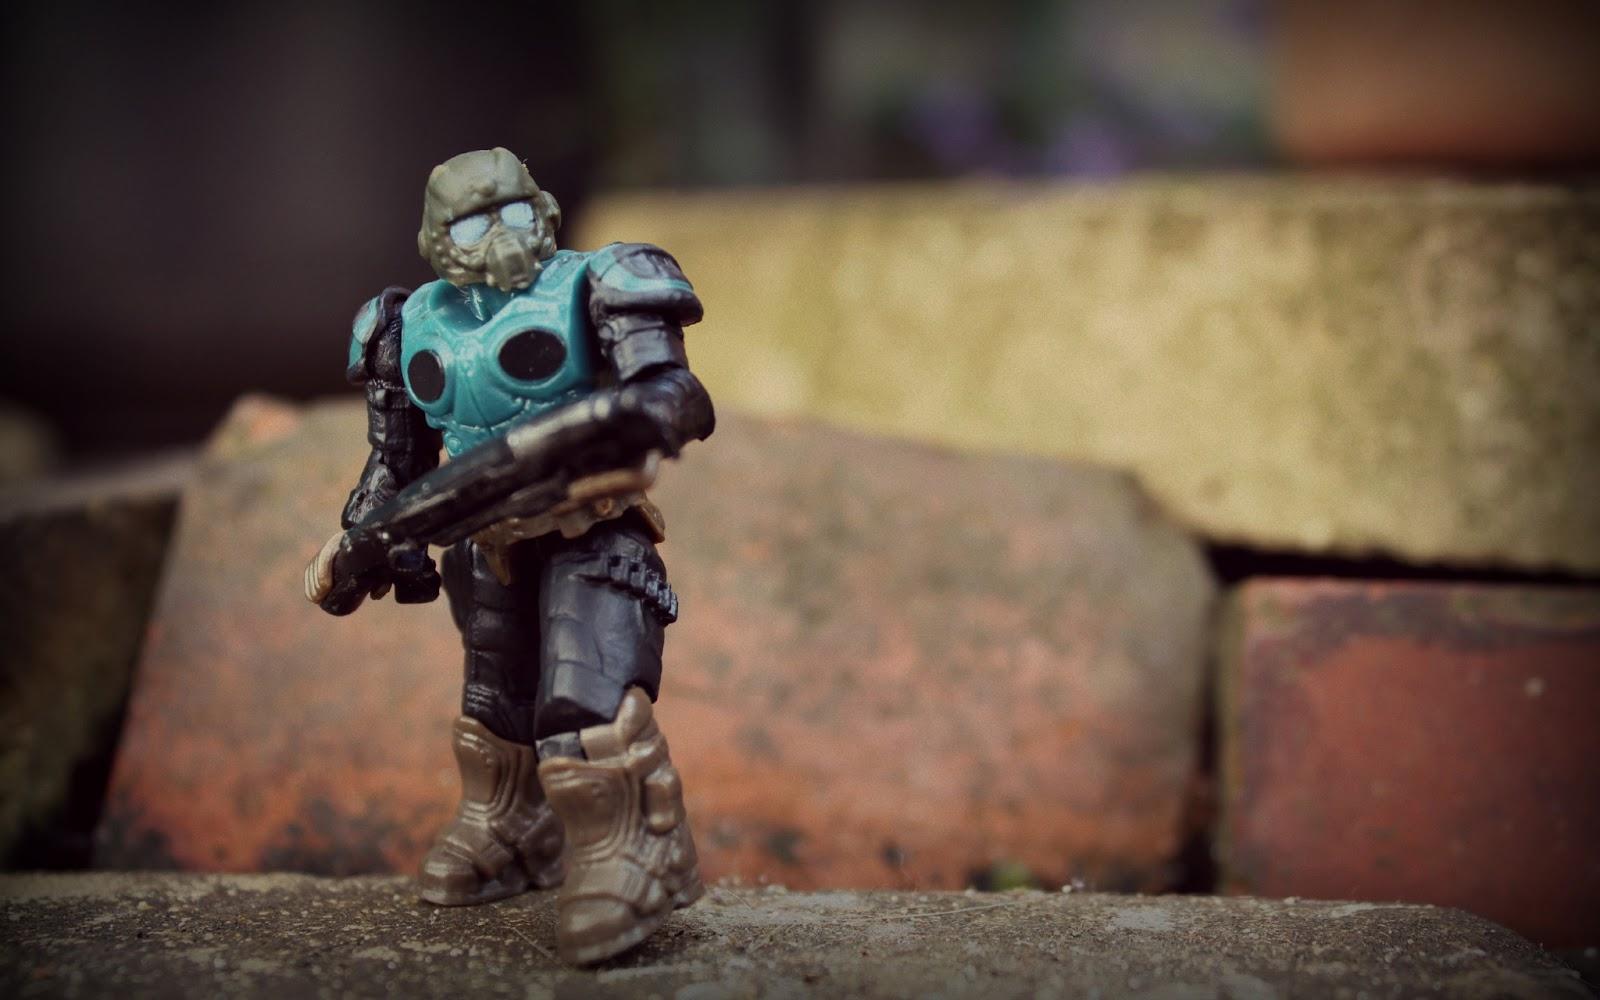 Amazon.com: gears of war 3 figures